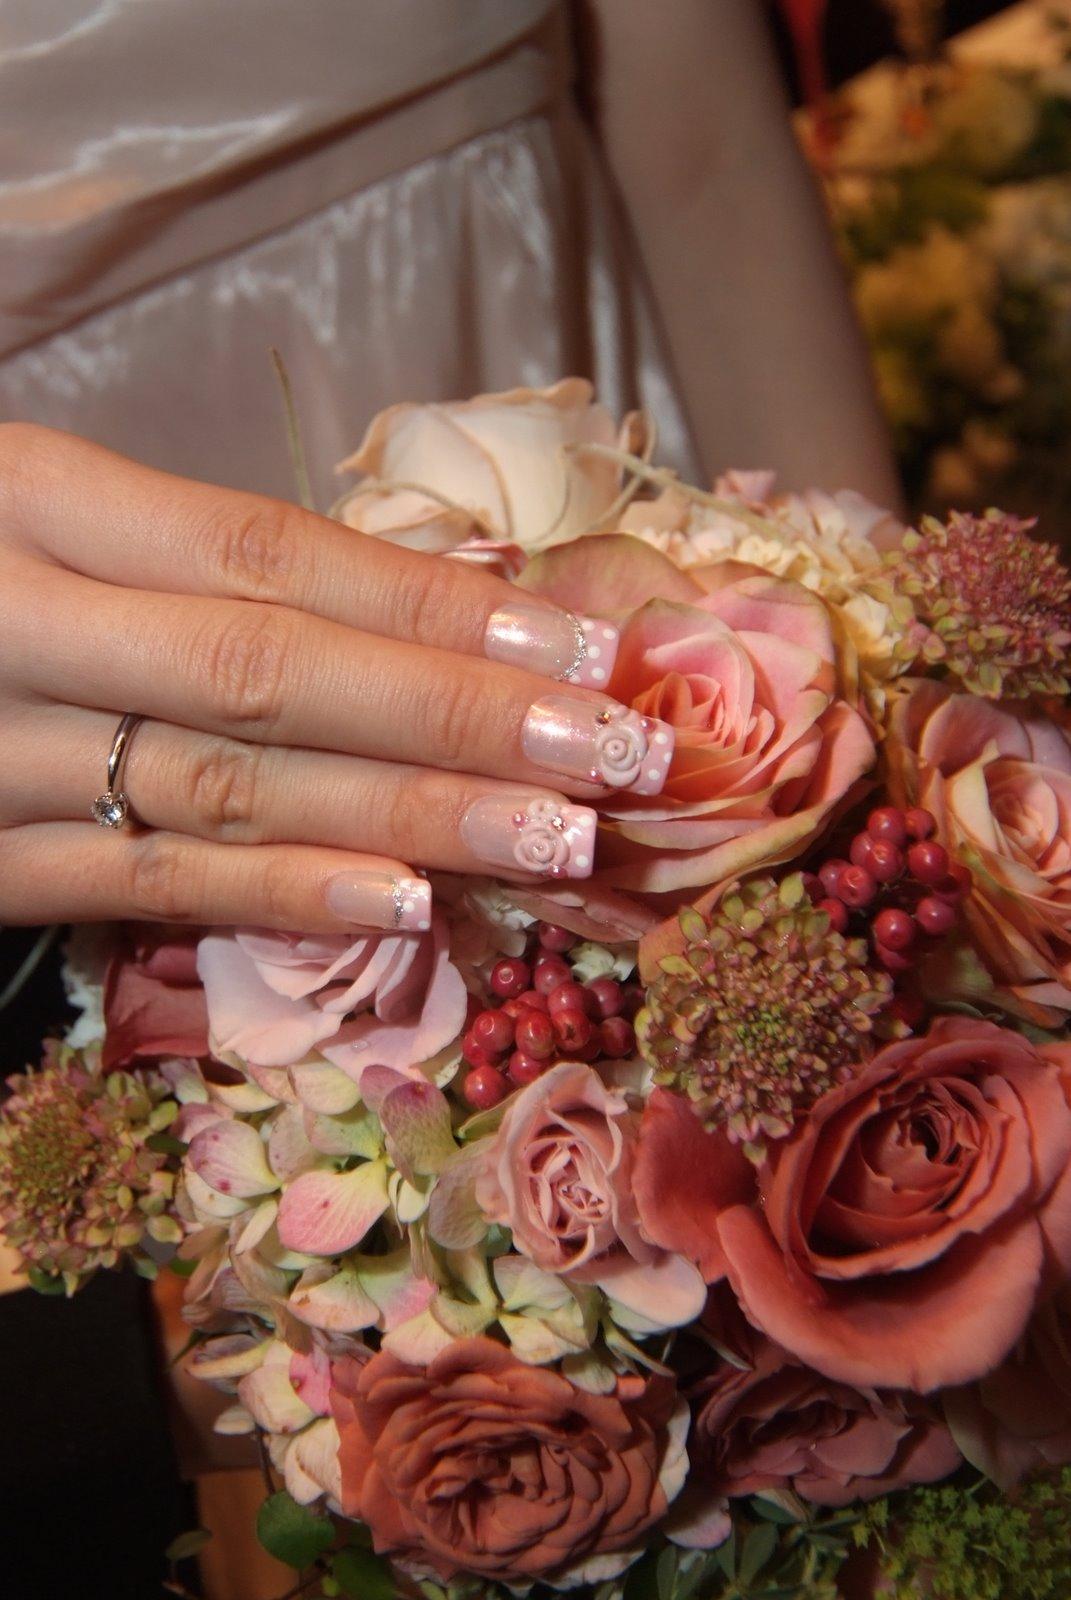 新郎新婦様からのメール バラとブーツとダイヤモンド オテル・ドゥ・ミクニ様へ_a0042928_23481817.jpg